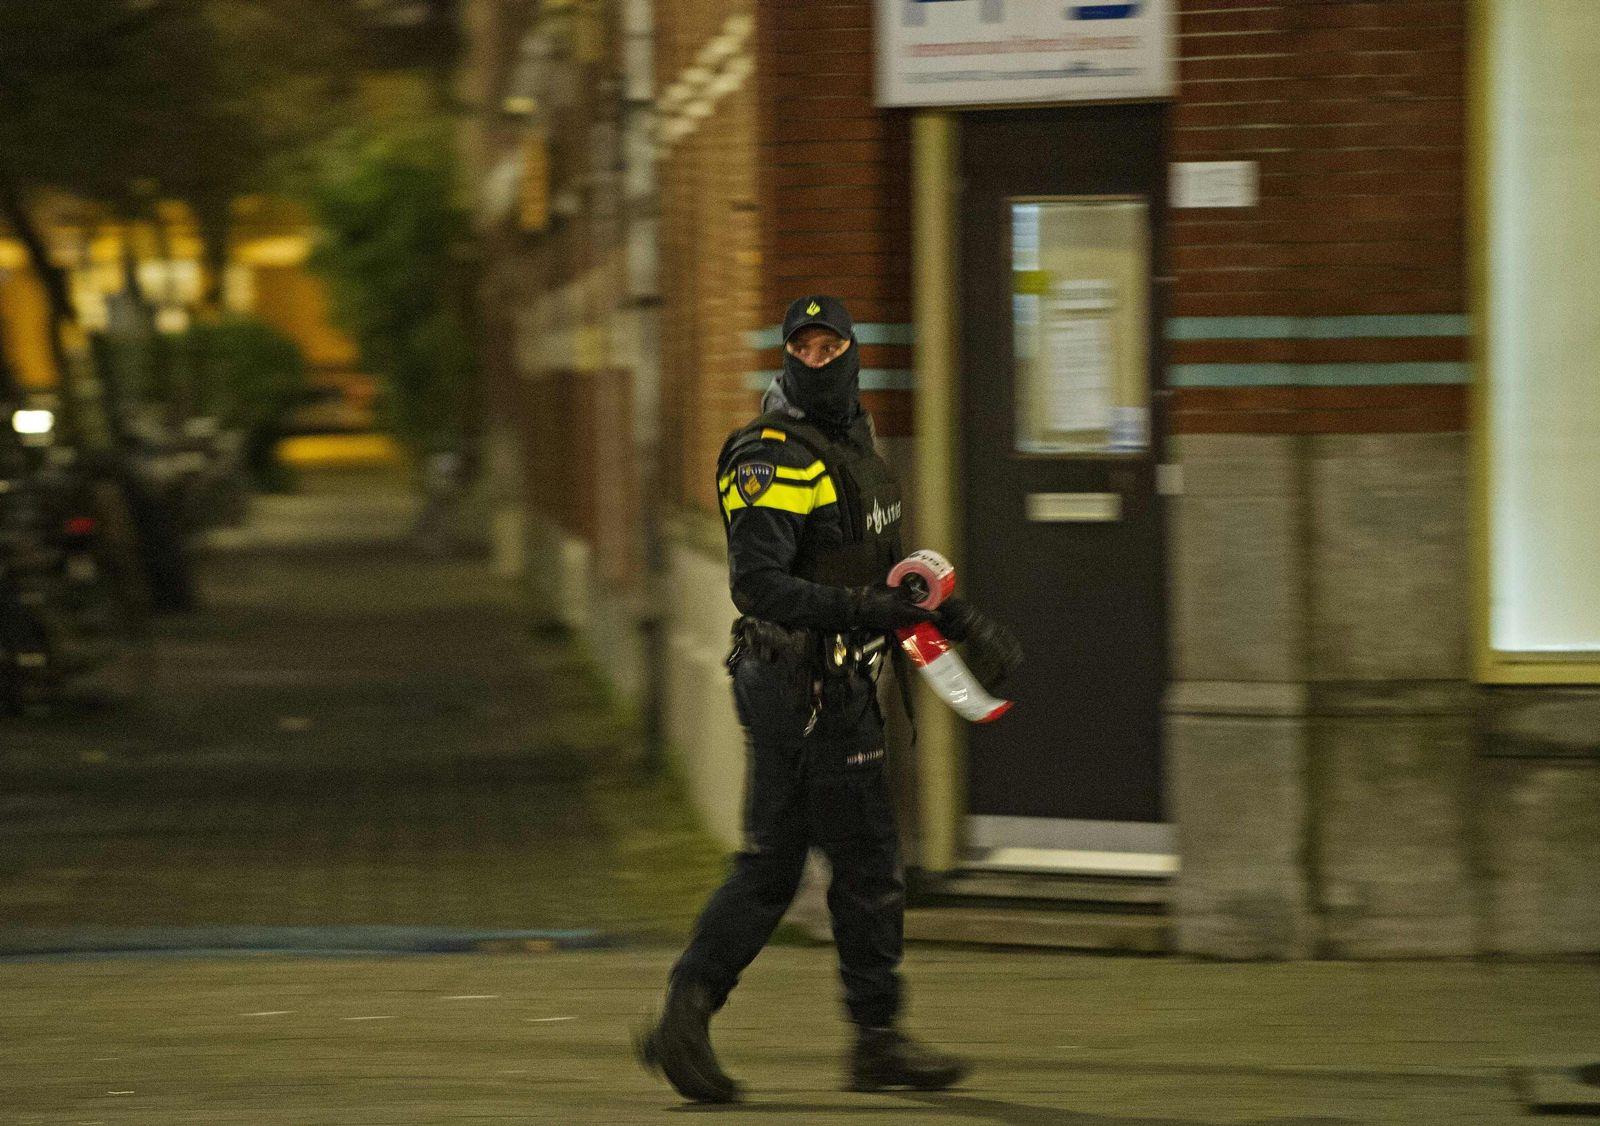 NETHERLANDS-FRANCE-TERRORISM